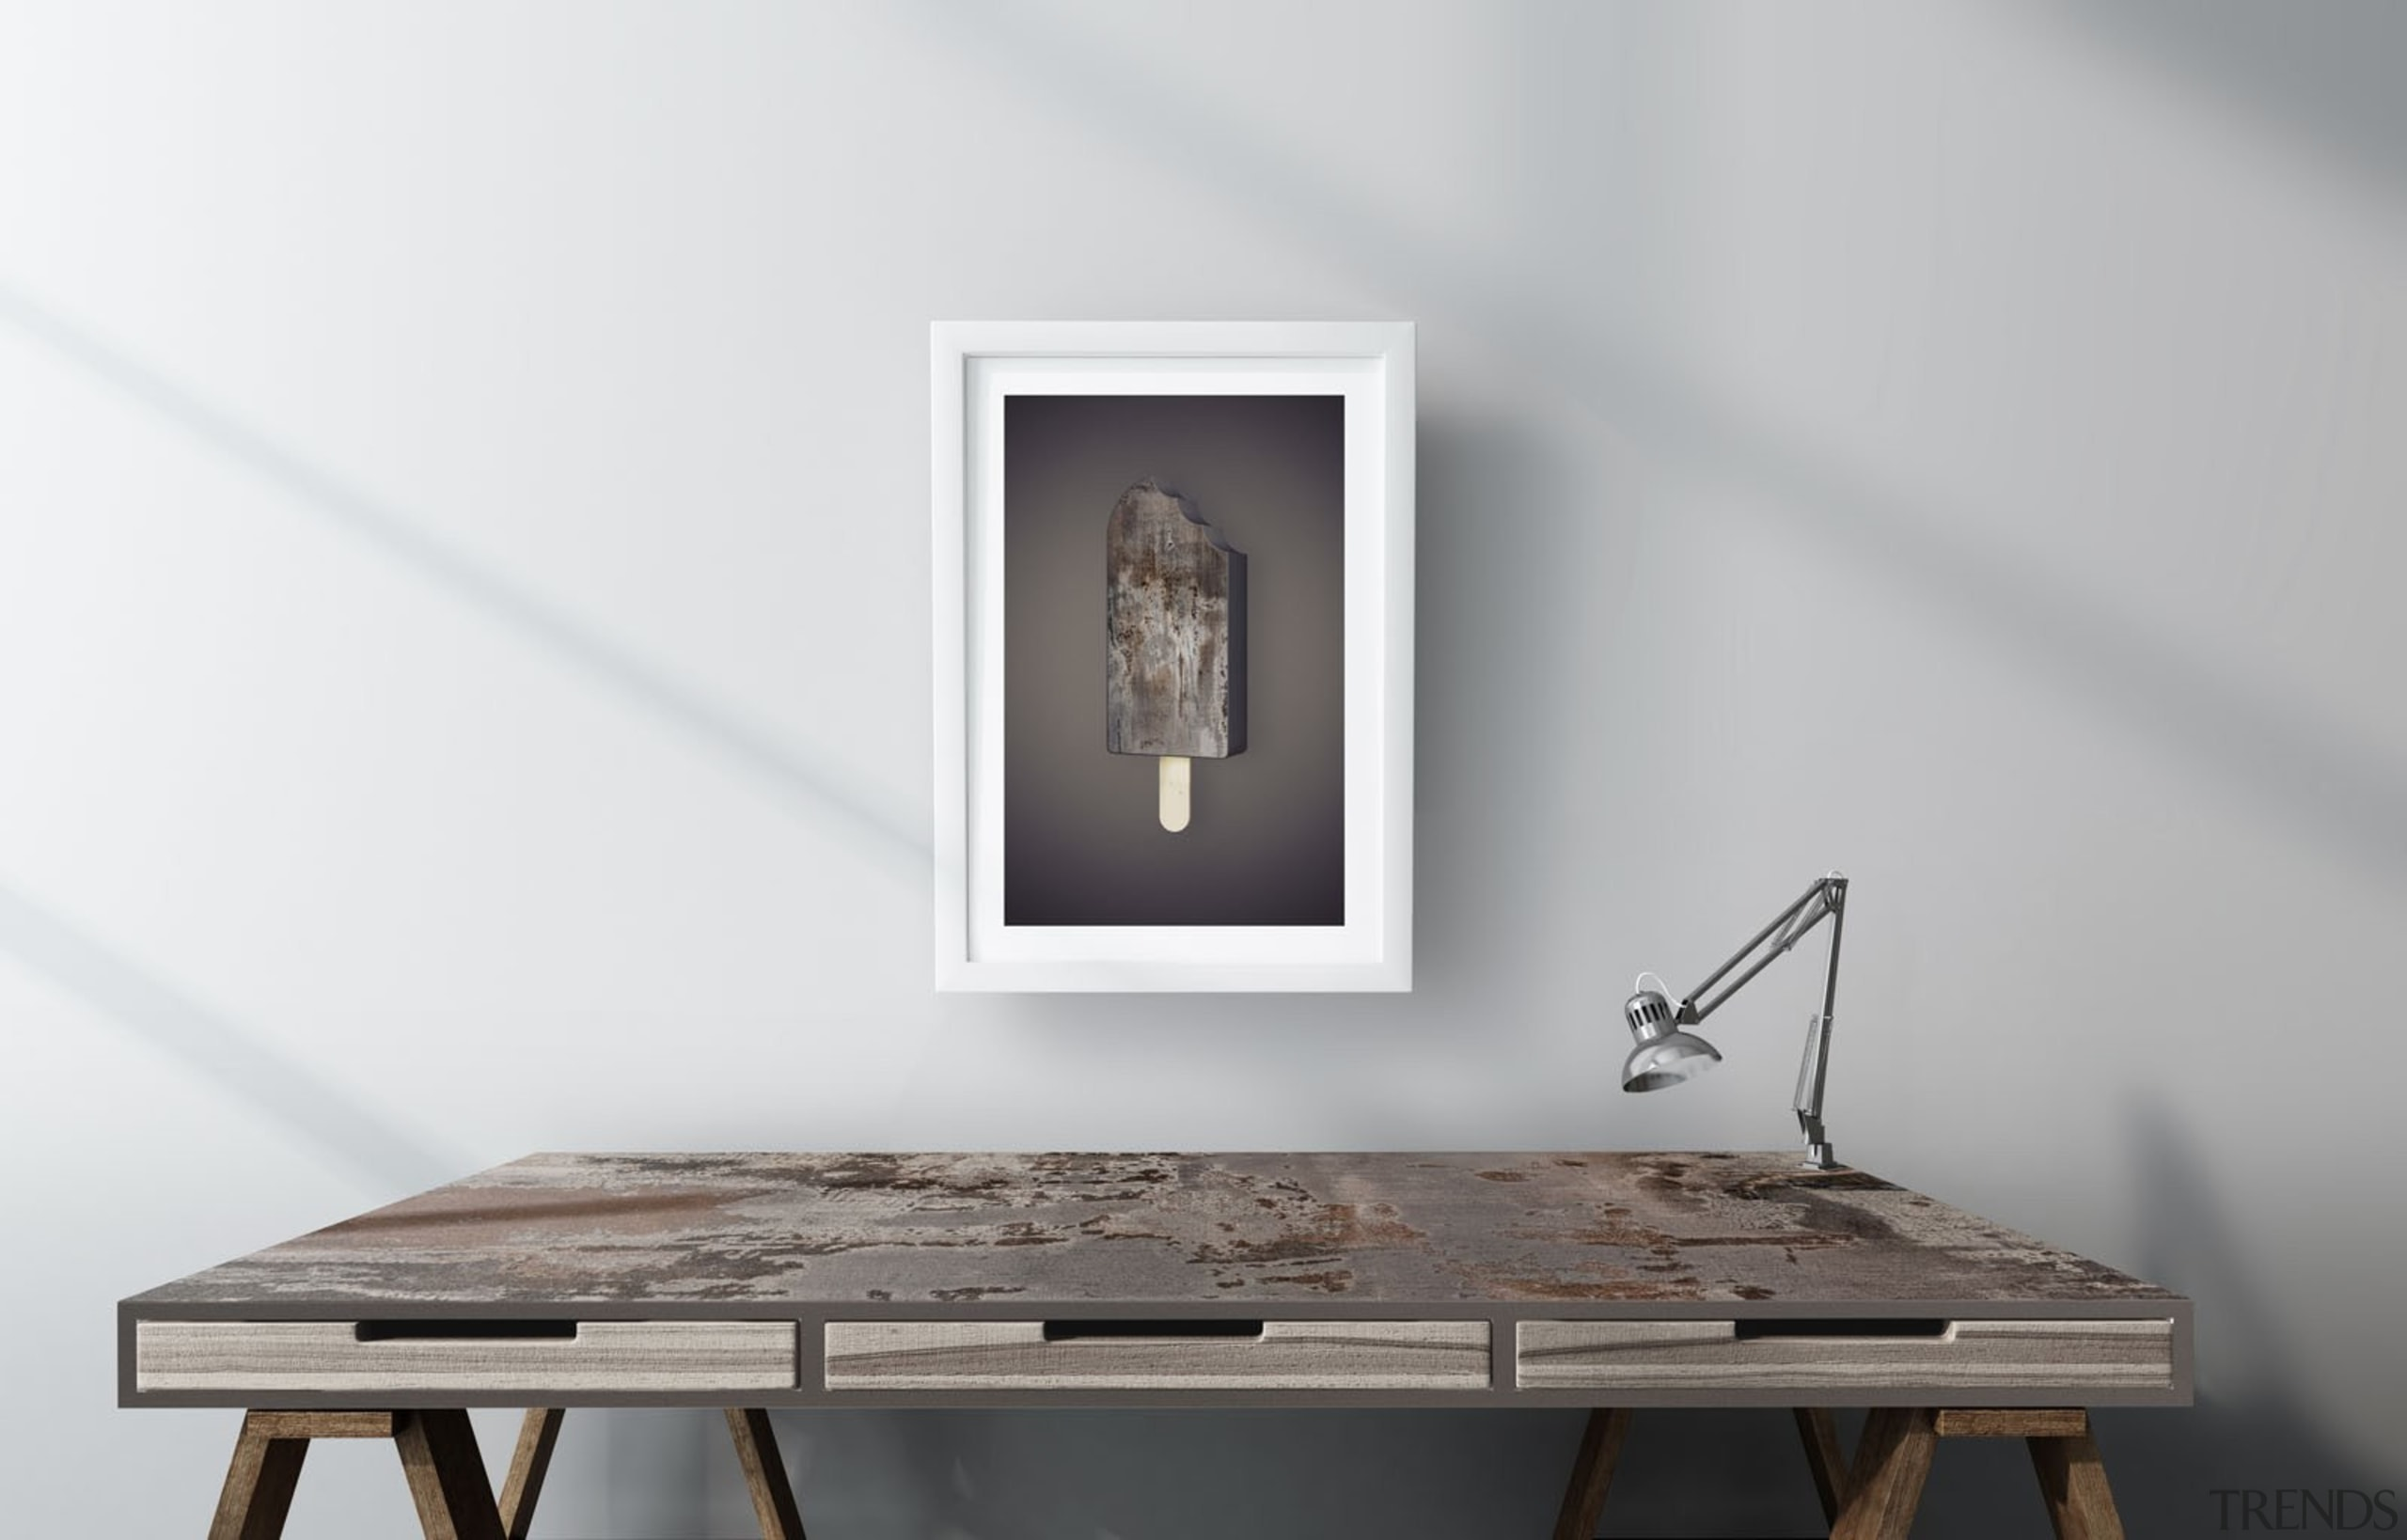 RS11185 Dekton Escritorio Desk - Trilium (1) furniture, product design, table, white, gray